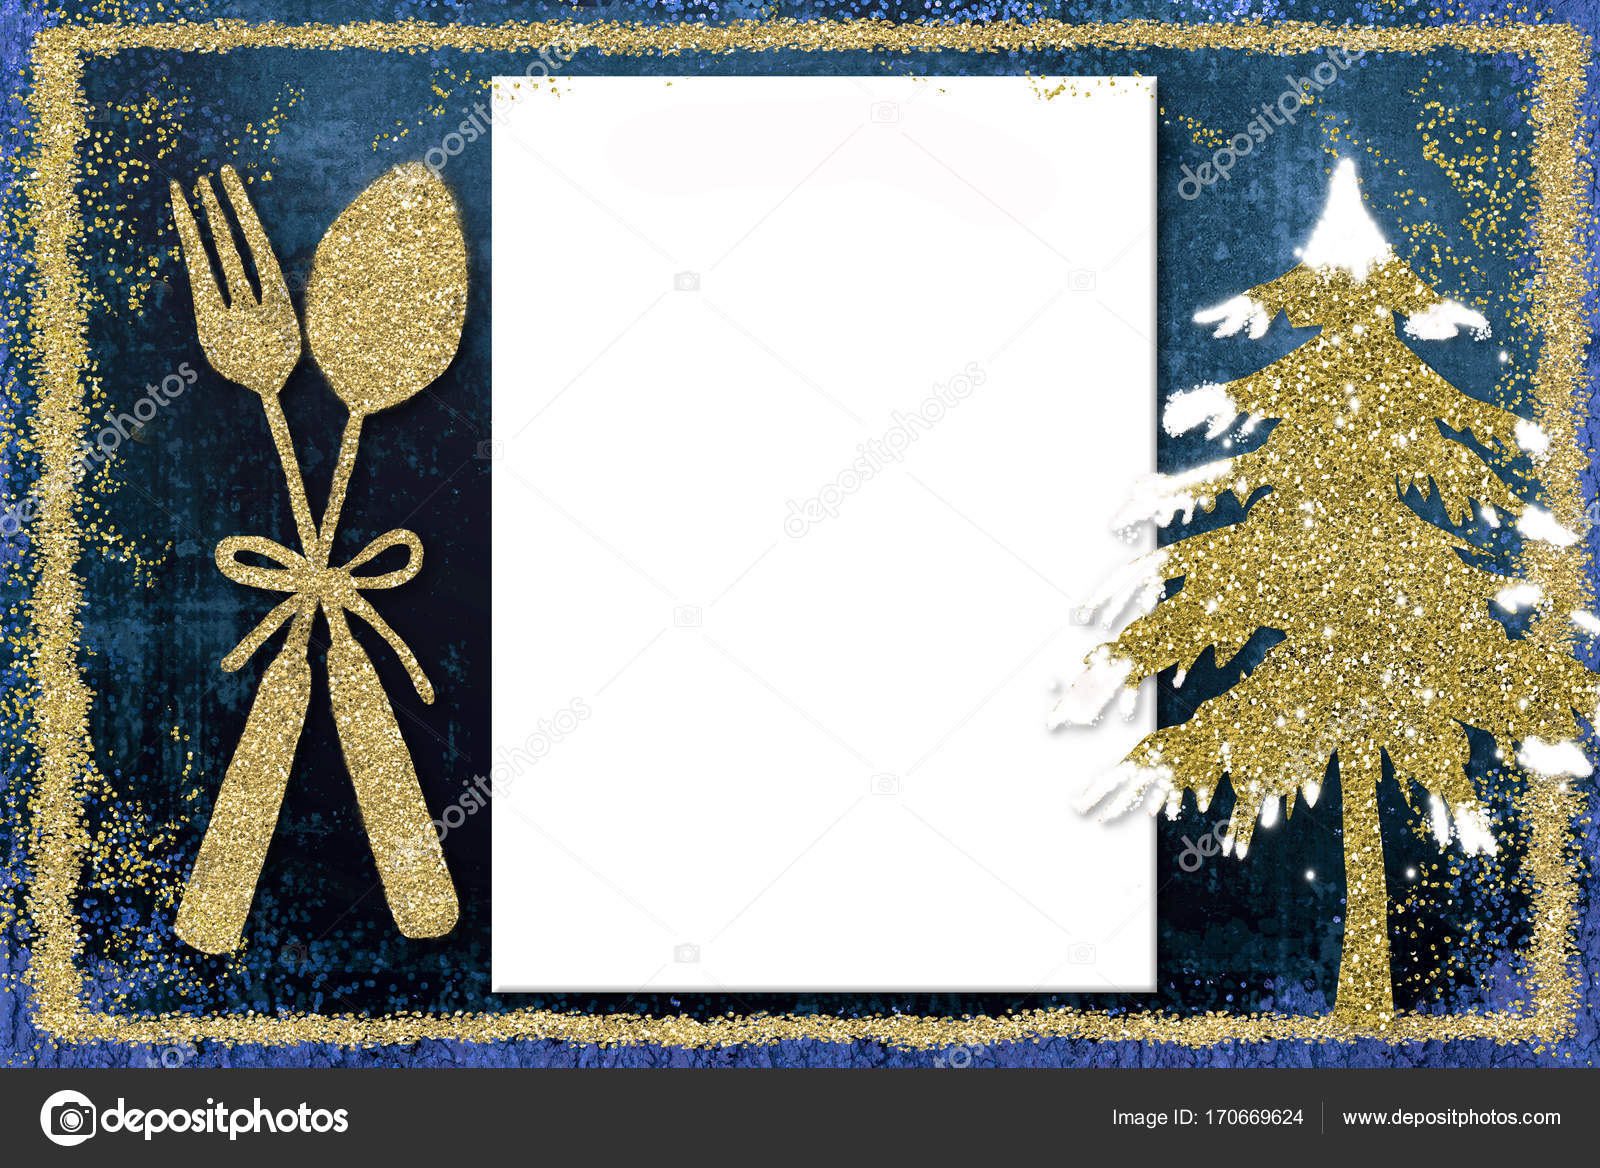 Dessin De Menu Pour Noel.Fond Pour Ecrire Le Menu De Noel Photographie Risia